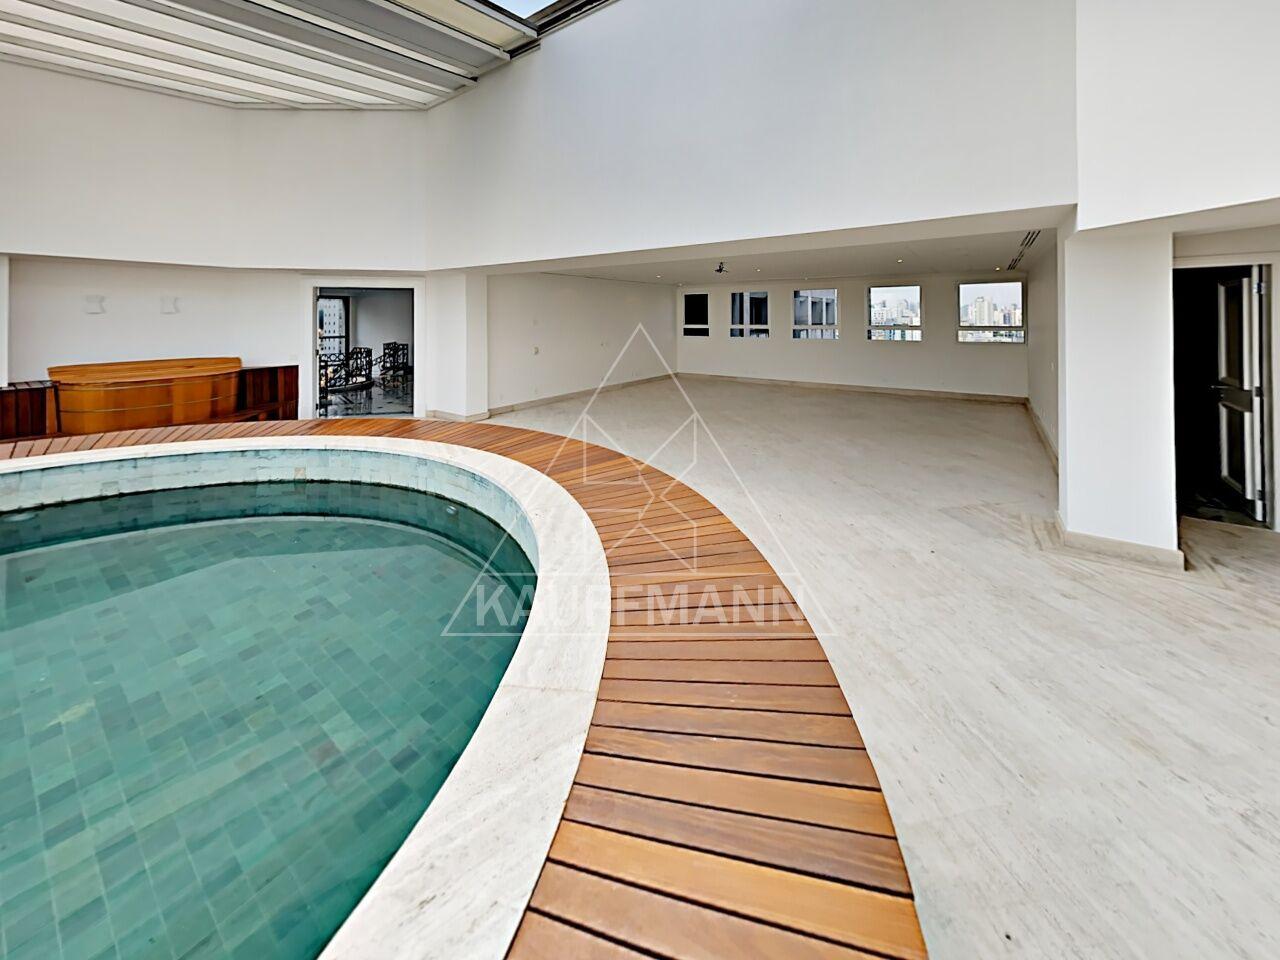 apartamento-venda-sao-paulo-jardim-america-regency-6dormitorios-6suites-7vagas-1099m2-Foto5